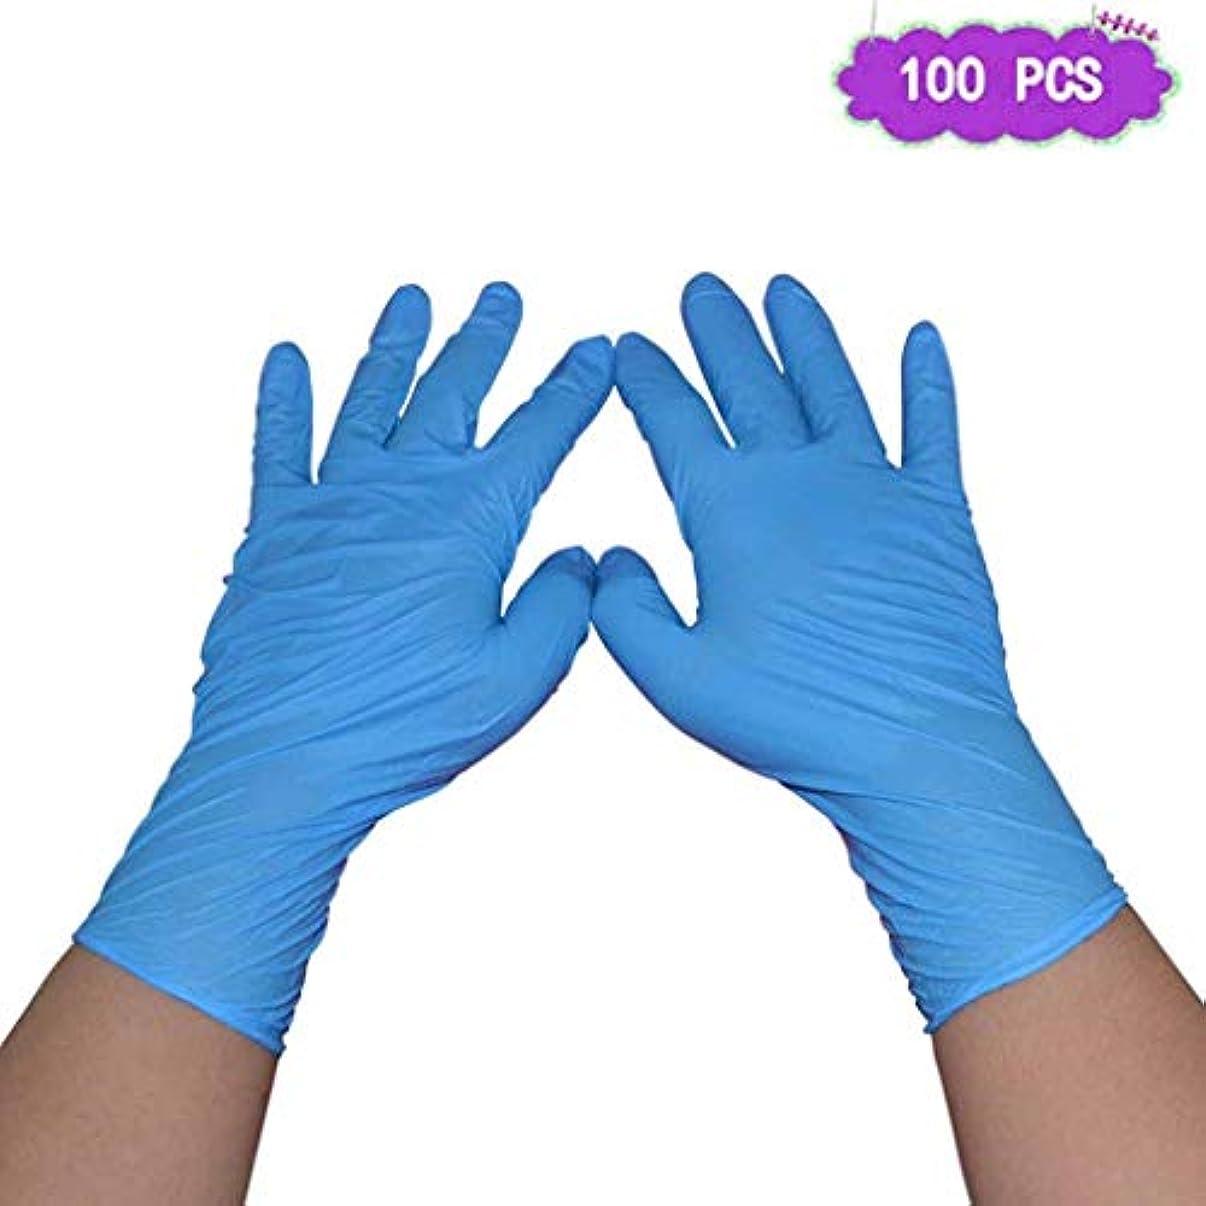 歴史的ローマ人童謡12インチの長い肥厚ニトリル手袋使い捨て手袋ニトリルラテックス食品試験ゴム義務試験手袋|病院向けのプロフェッショナルグレード (Size : M)